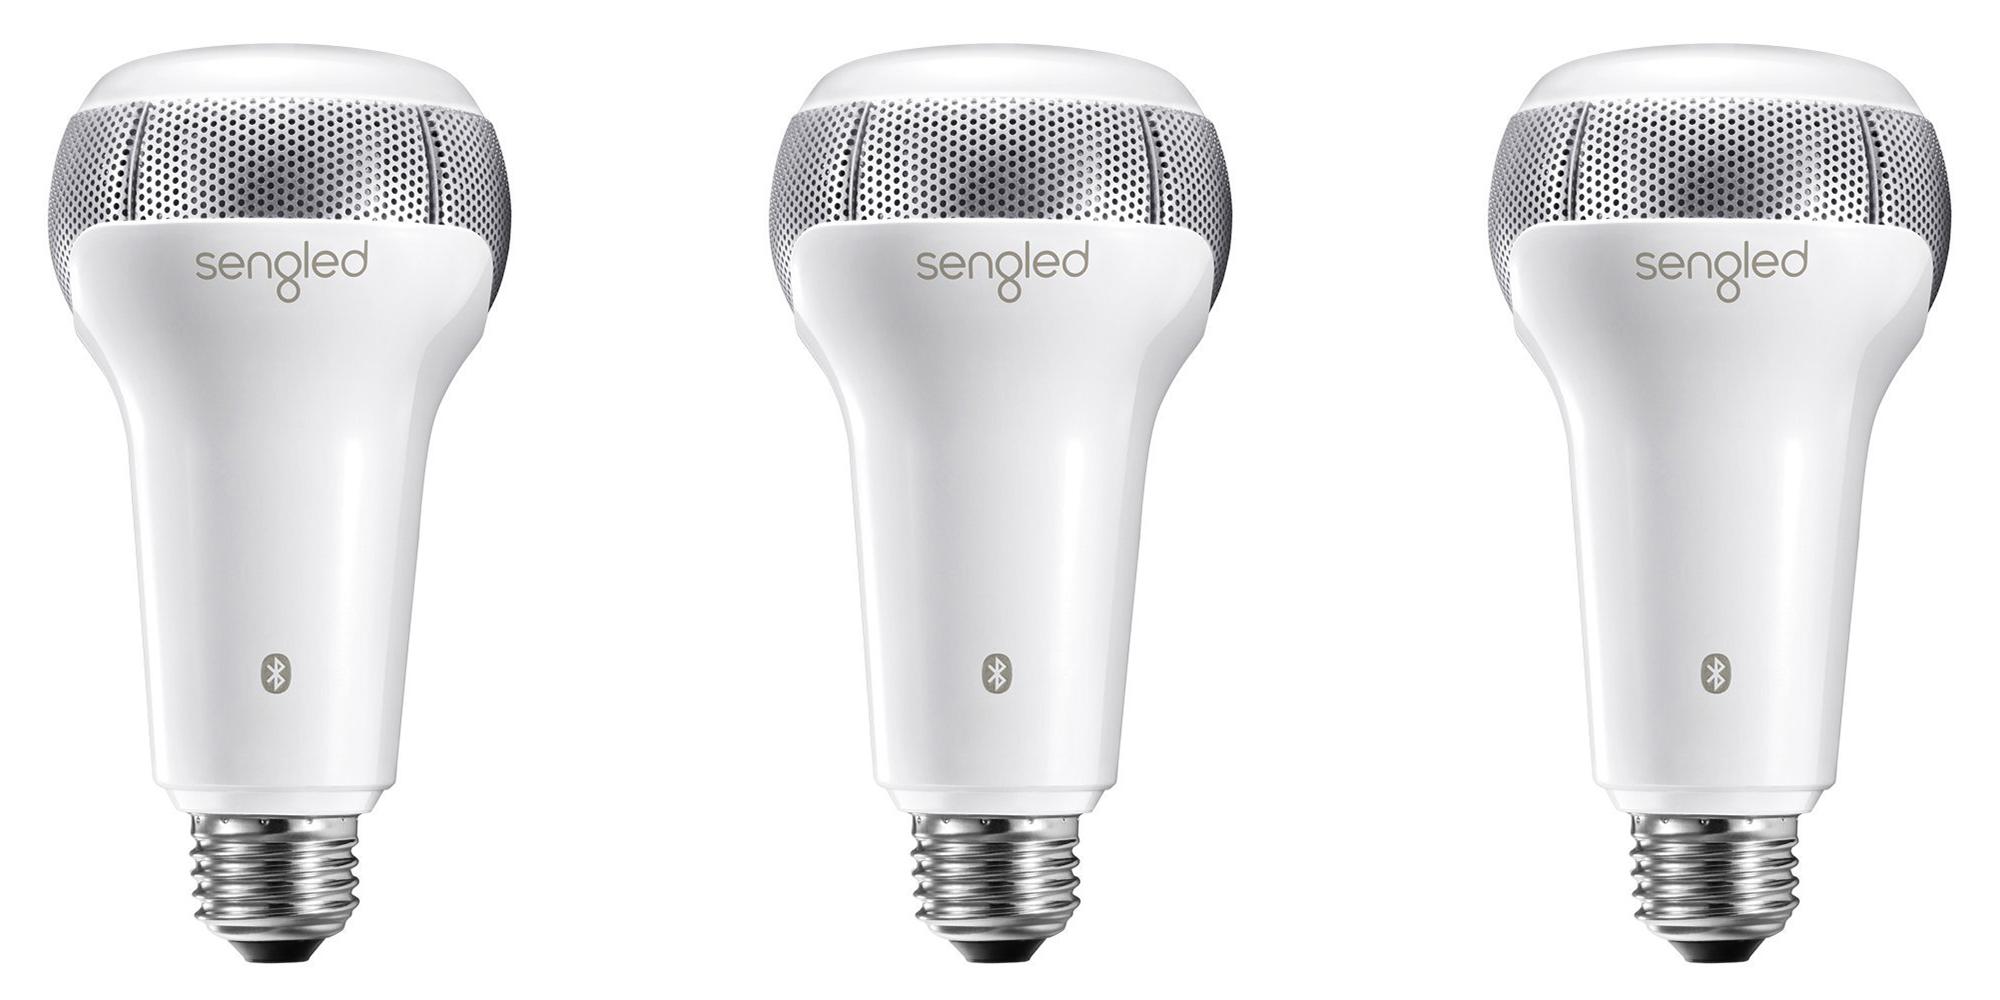 JBL speakers inside an LED Light Bulb? That's right… Pick one up for $15 (Reg. $30)